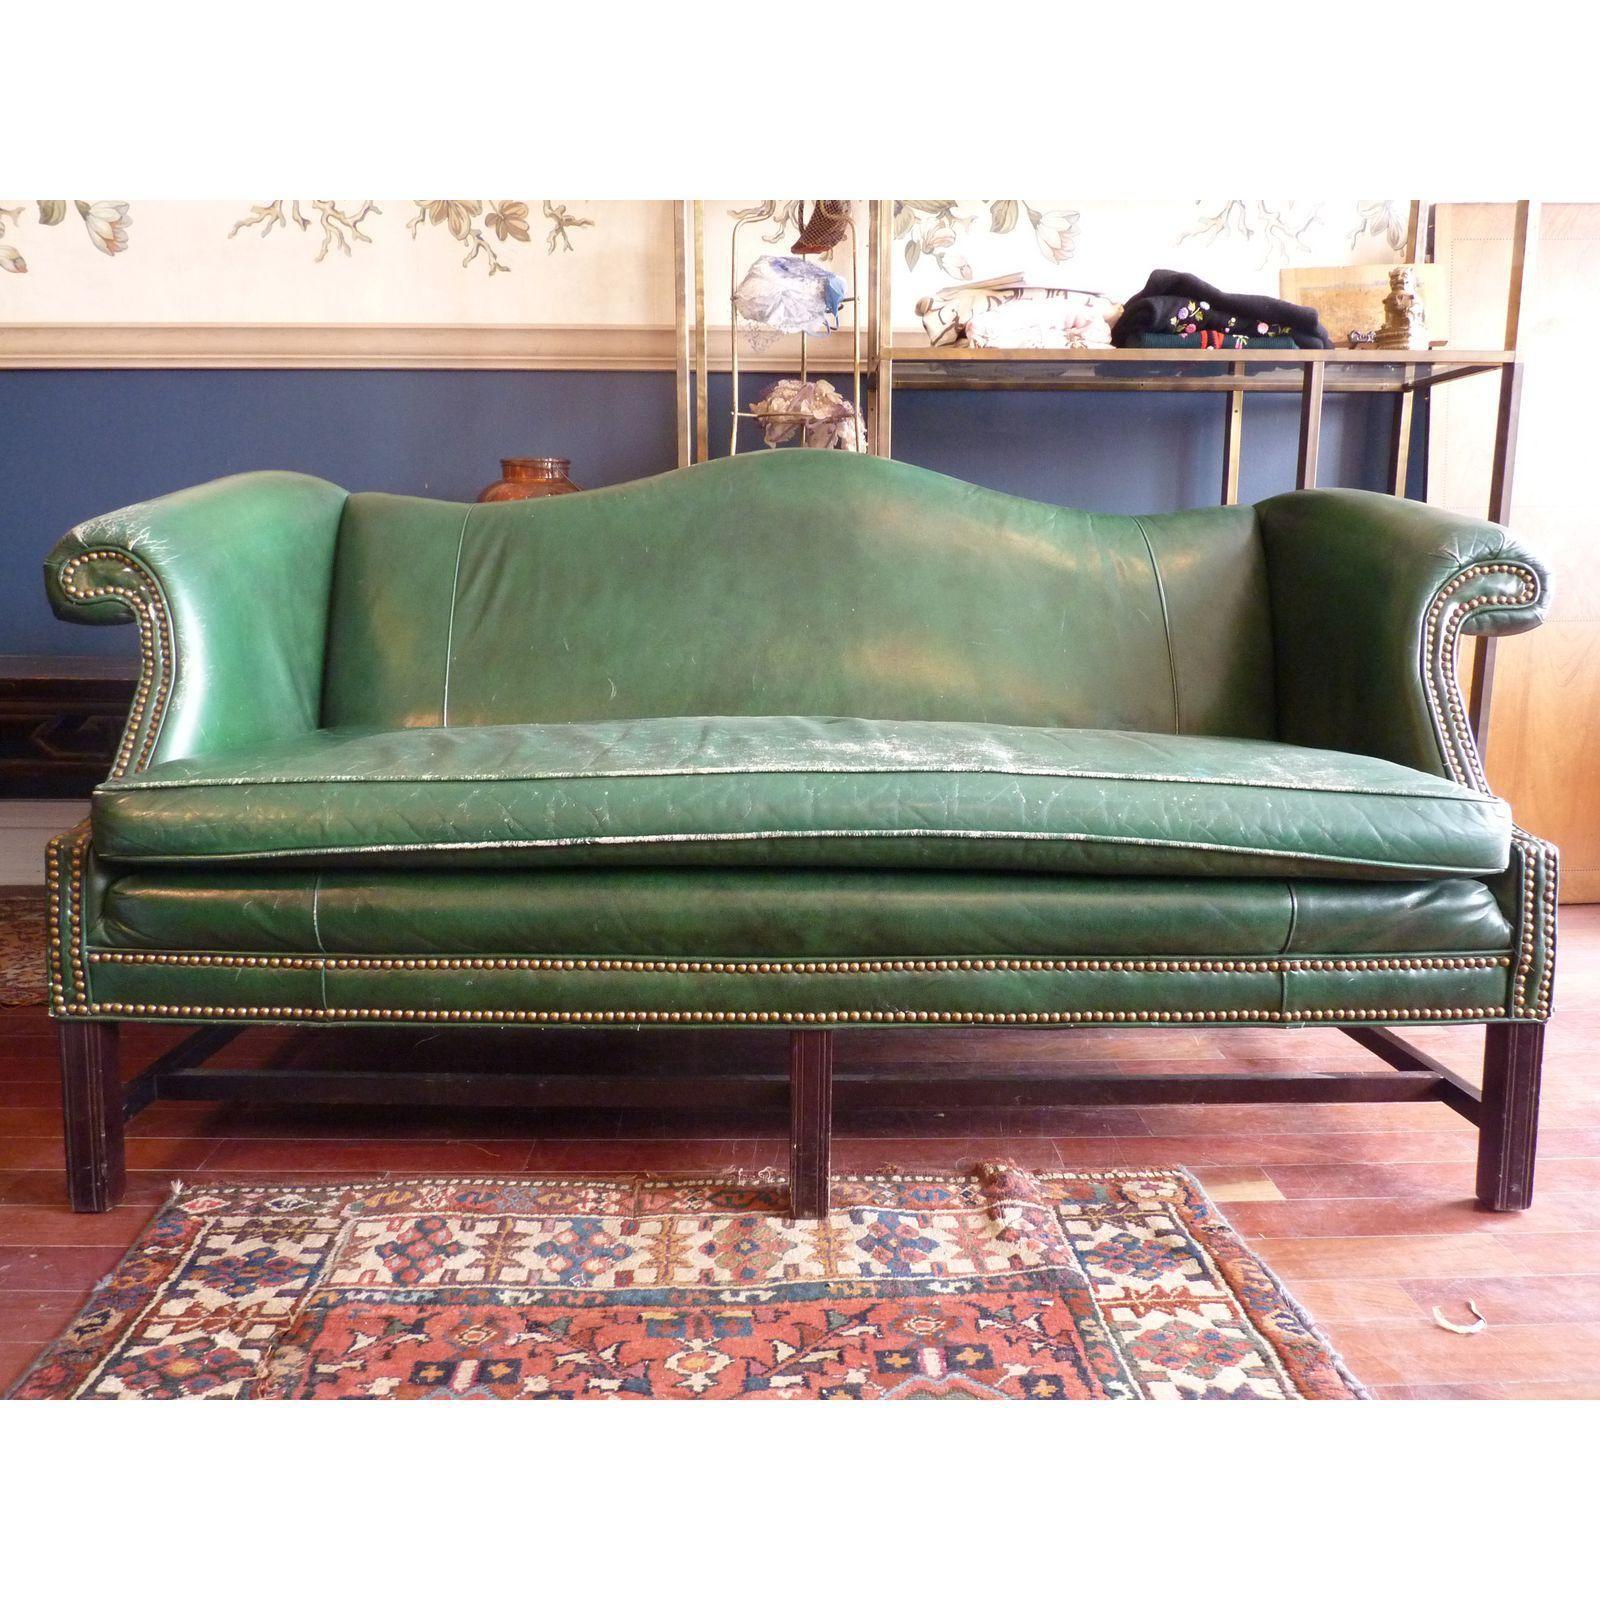 Full Size of Image Of Hunter Green Chippendale Sofa Couch Stoff Grau Xxl U Form Sitzsack Ikea Mit Schlaffunktion Günstig Für Esstisch Wildleder Leder Braun L Polyrattan Sofa Chippendale Sofa